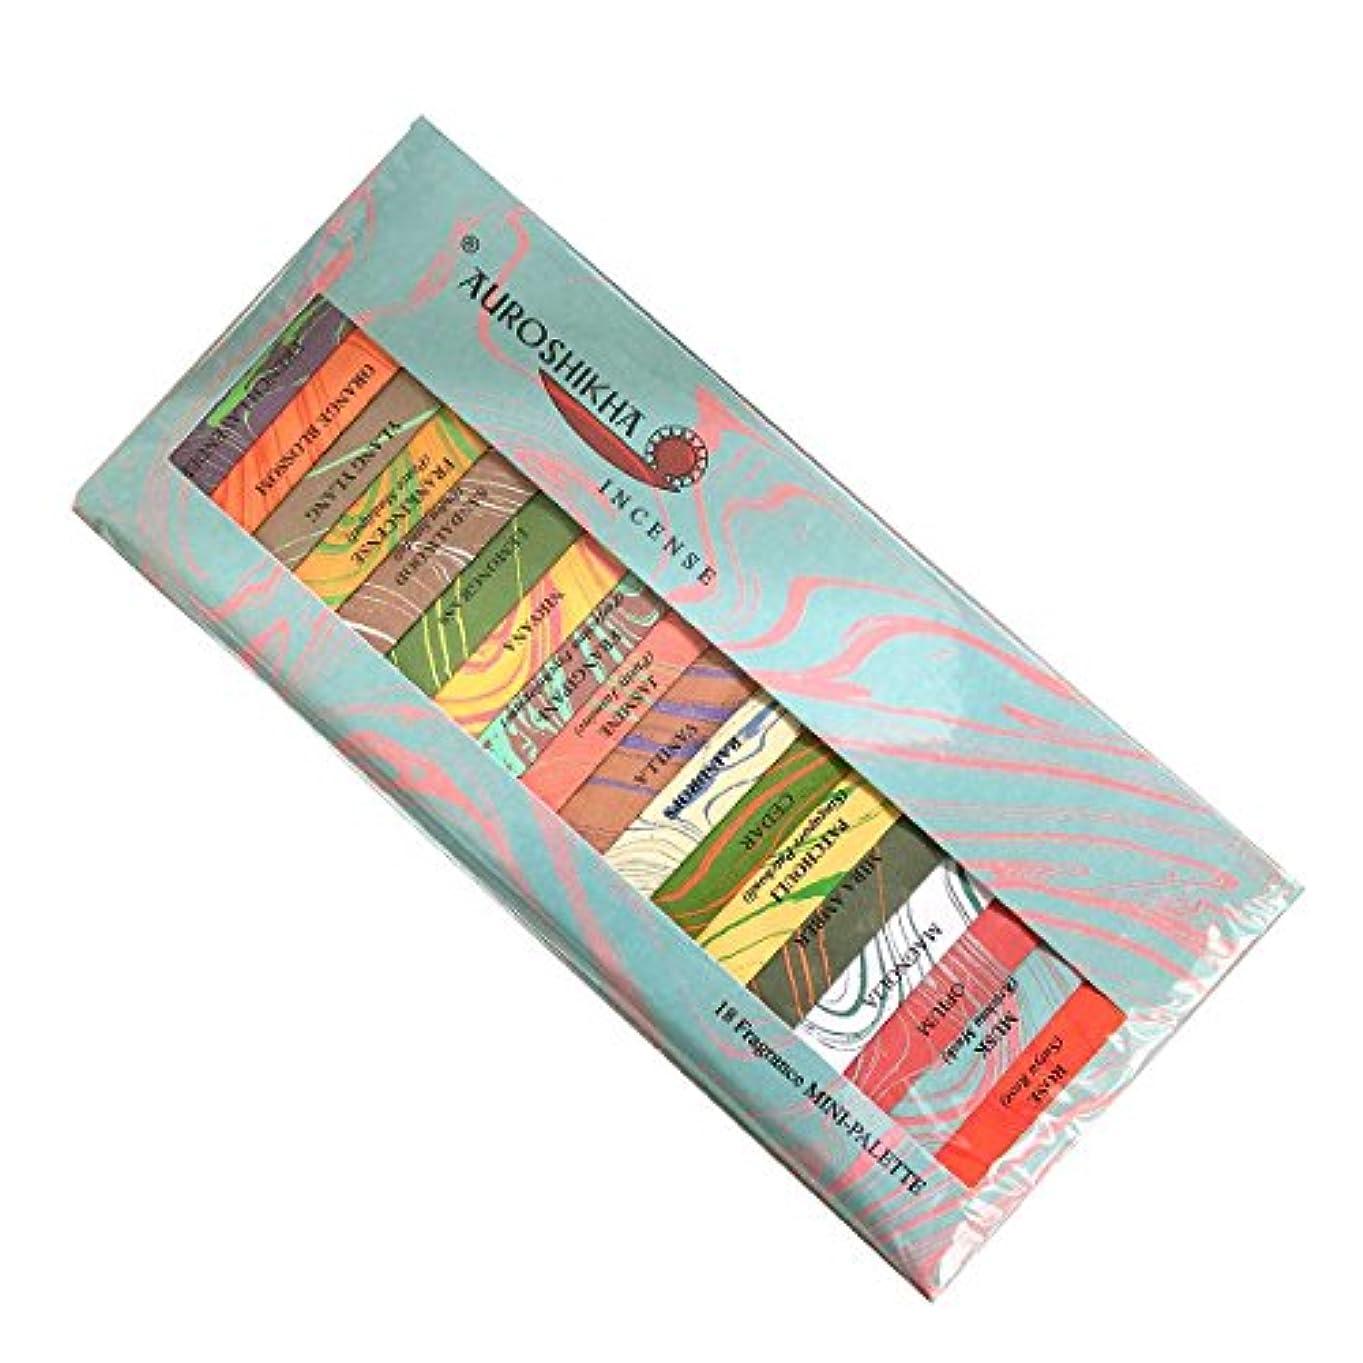 バルクレギュラーブロックするauroshikha (オウロシカ) マーブルパッケージ ミニパレット18種類の香りアソート スティック !